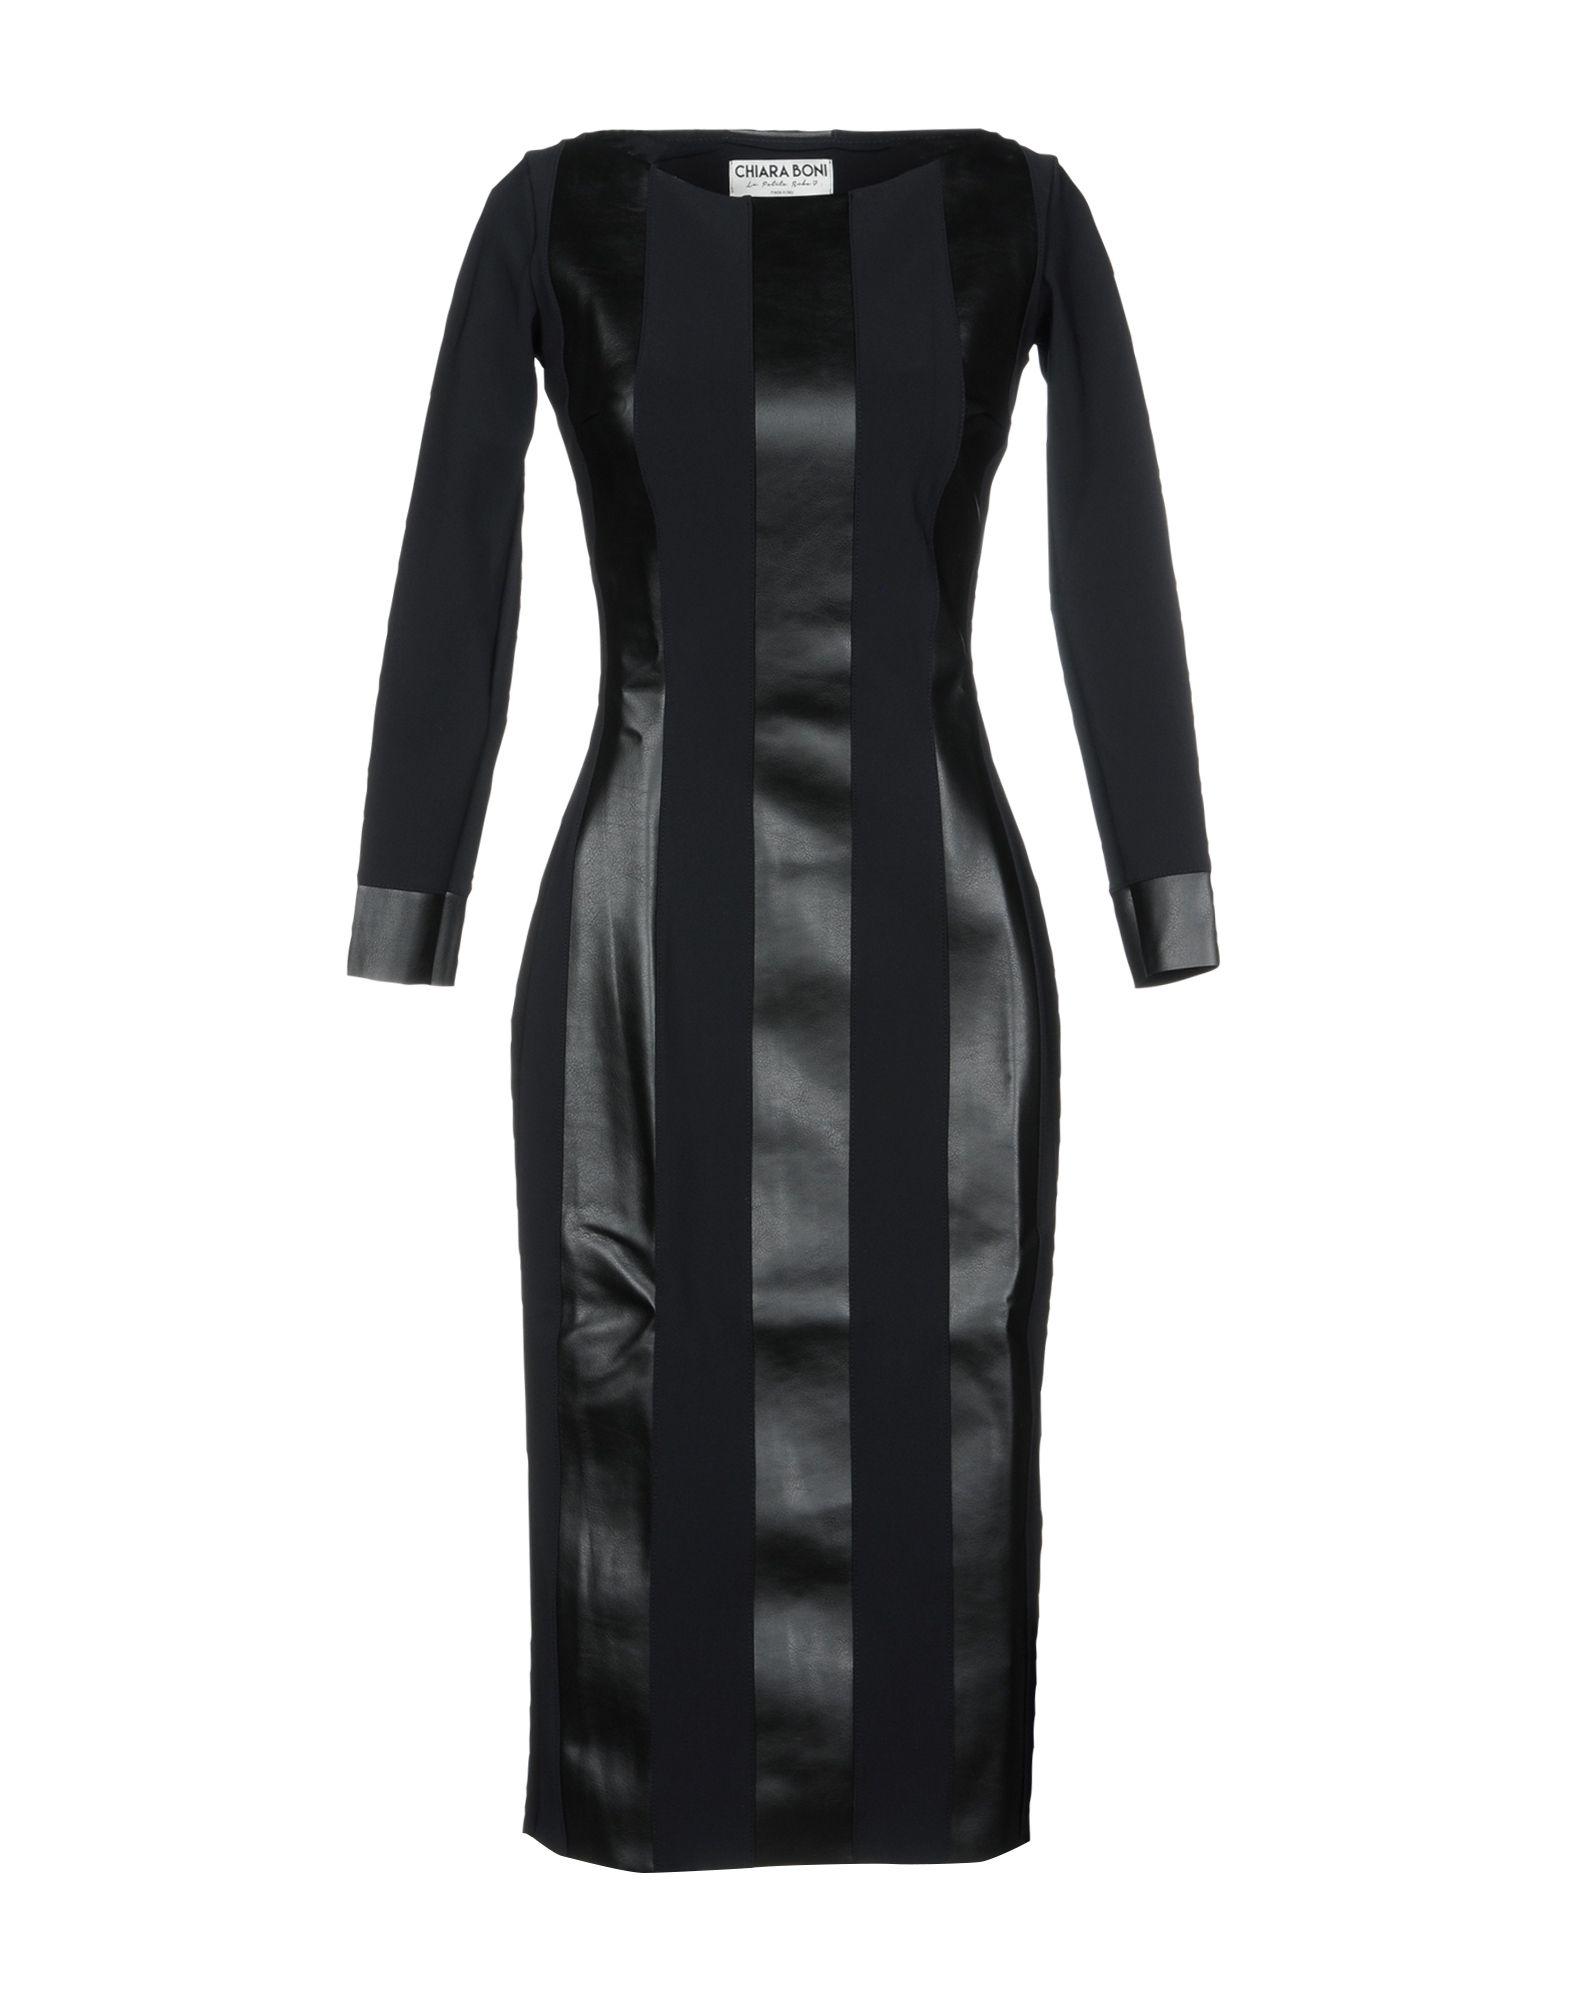 Vestito Al Ginocchio Chiara Boni La Petite Robe Donna - Acquista online su hjBu4